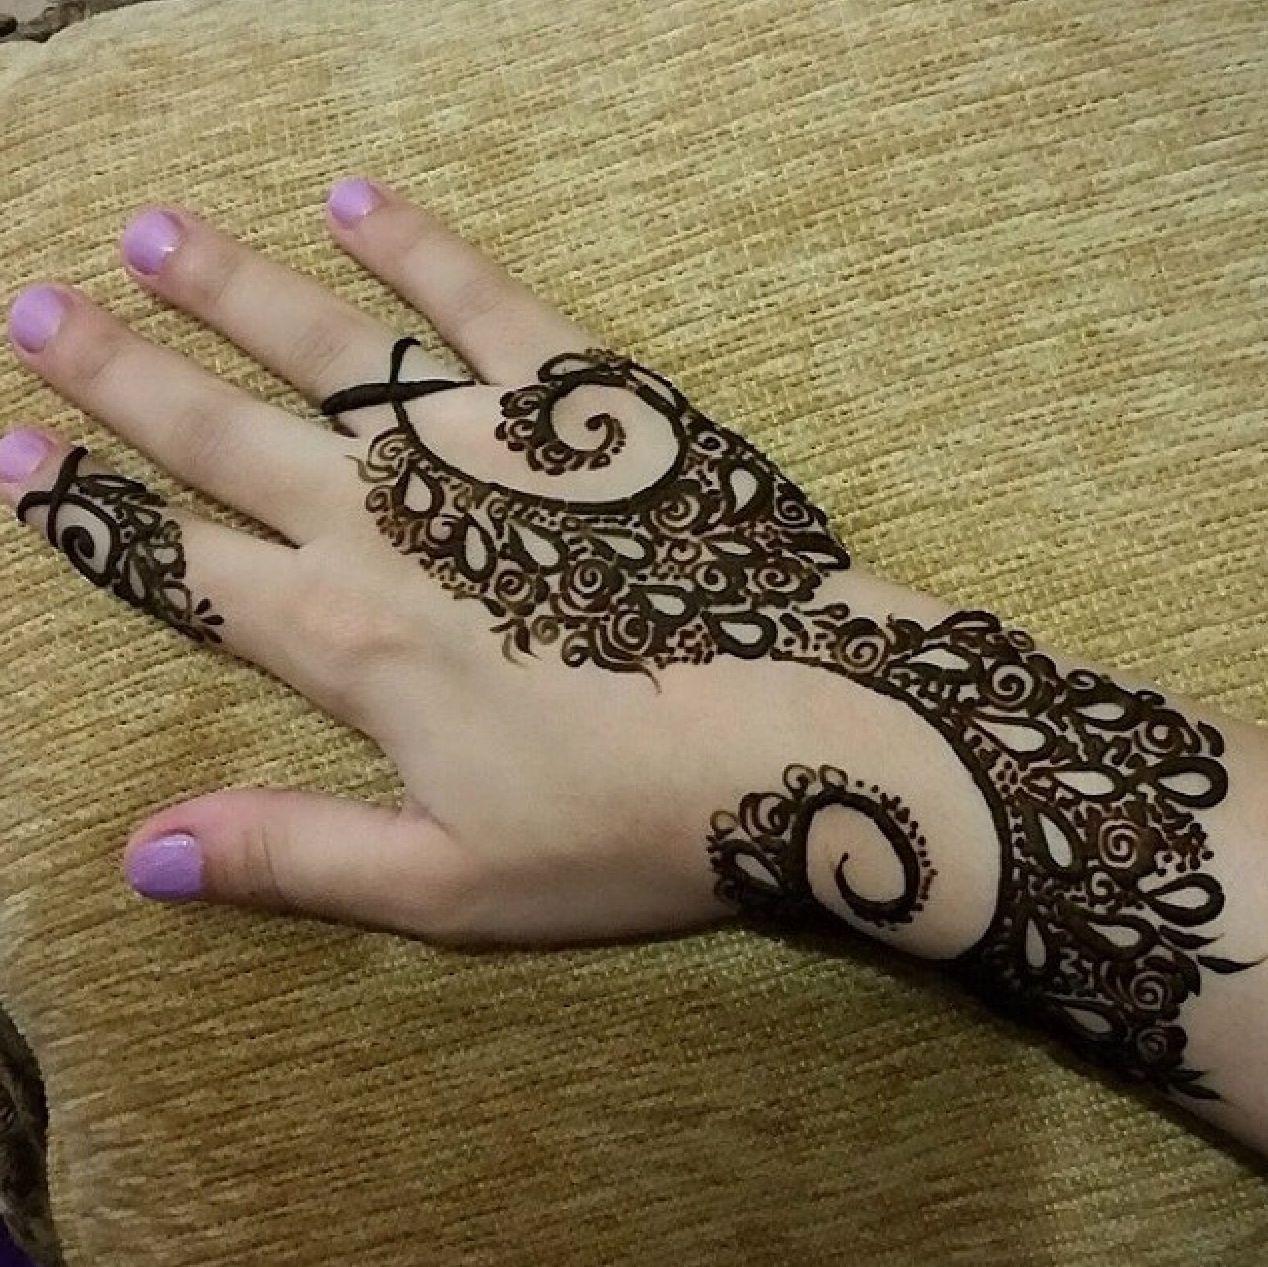 Pin By Noura H H On Hena Hand Henna Henna Hand Tattoo Hand Tattoos